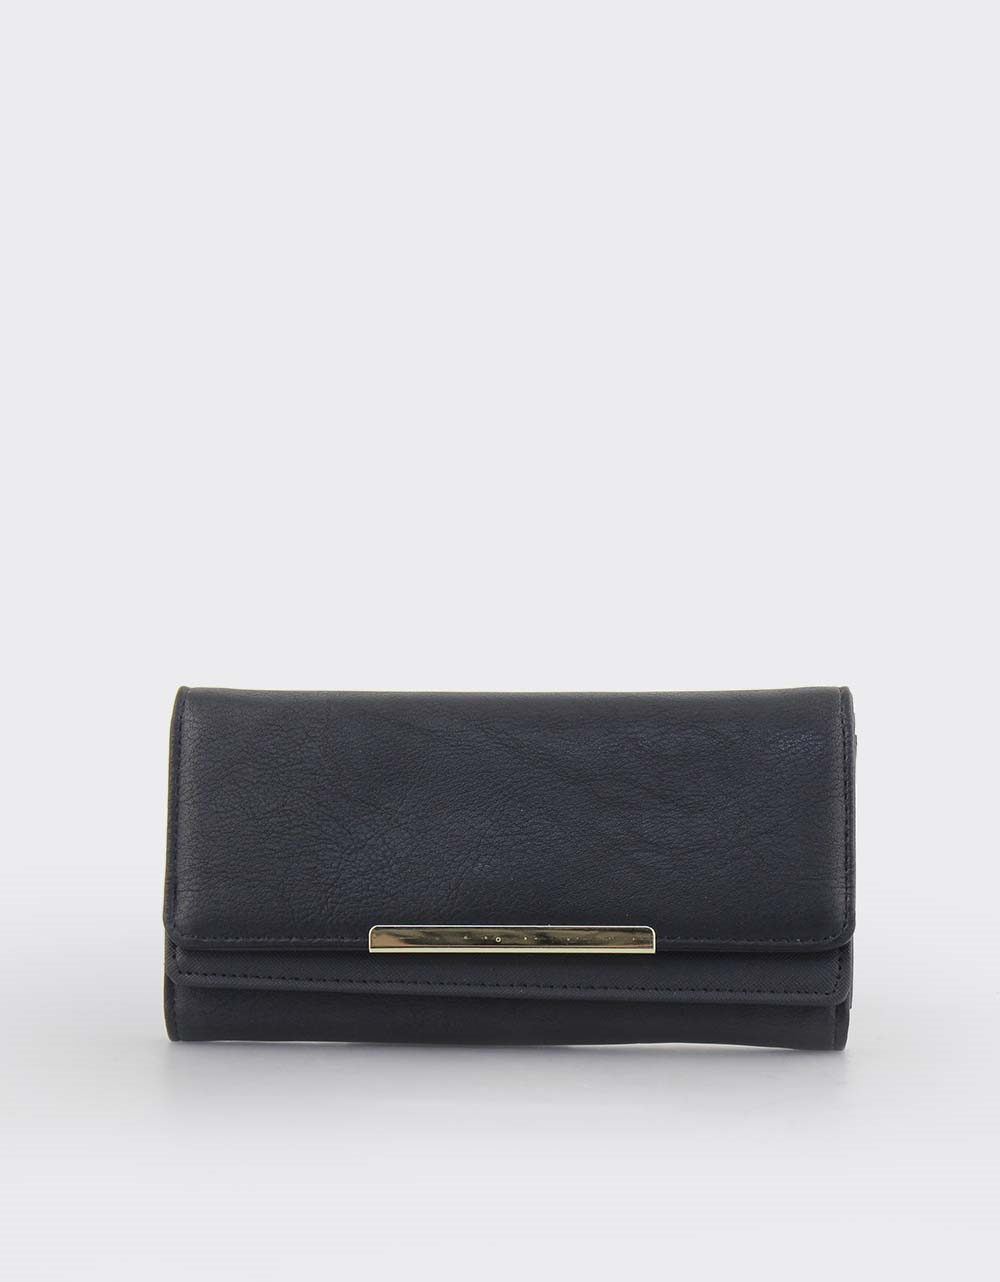 0c1918c80b Εικόνα από Γυναικεία πορτοφόλια με μεταλλικό διακοσμητικό Μαύρο